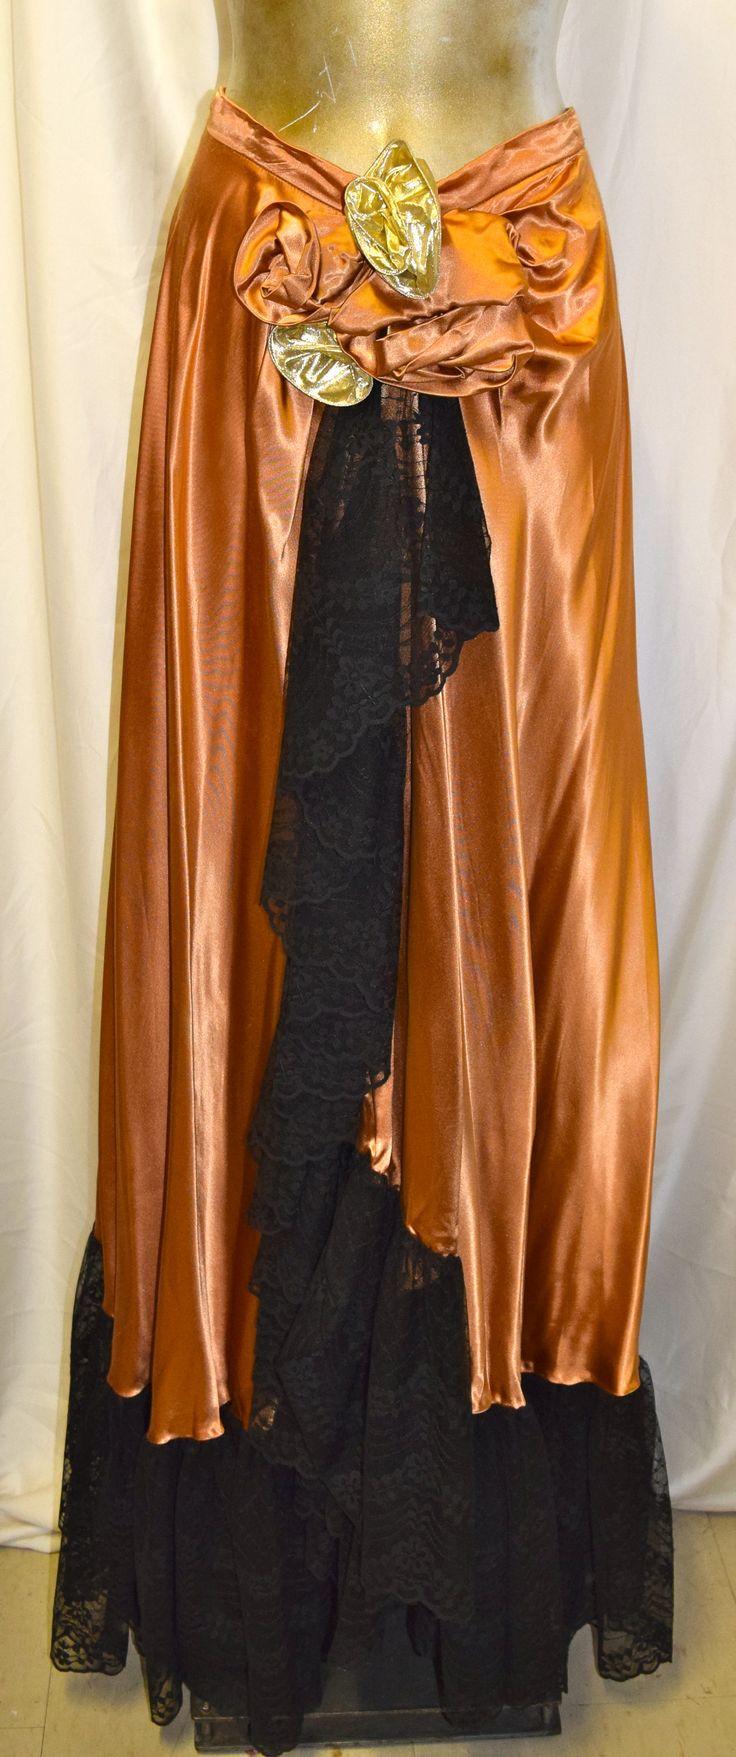 Vintage Vernon Gold & Black Lace Long Formal Skirt